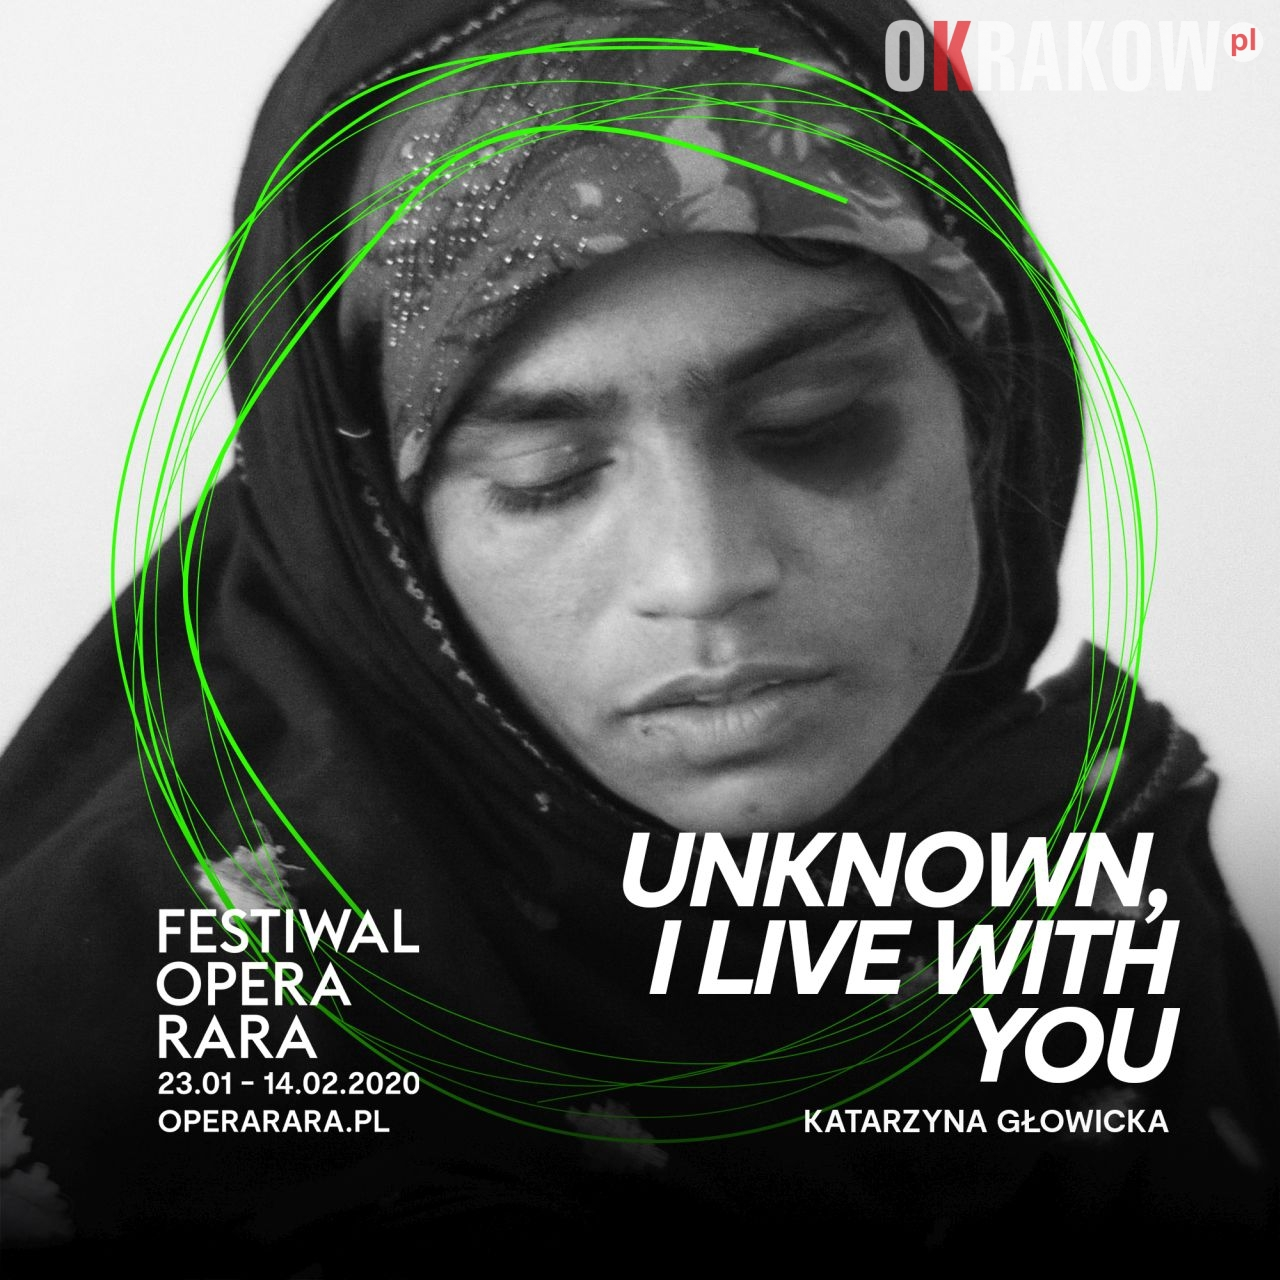 """opera rara krakow 300x300 - Opera Rara 2020: """"Unknown, I Live With You"""" - opera przeciwko milczeniu"""